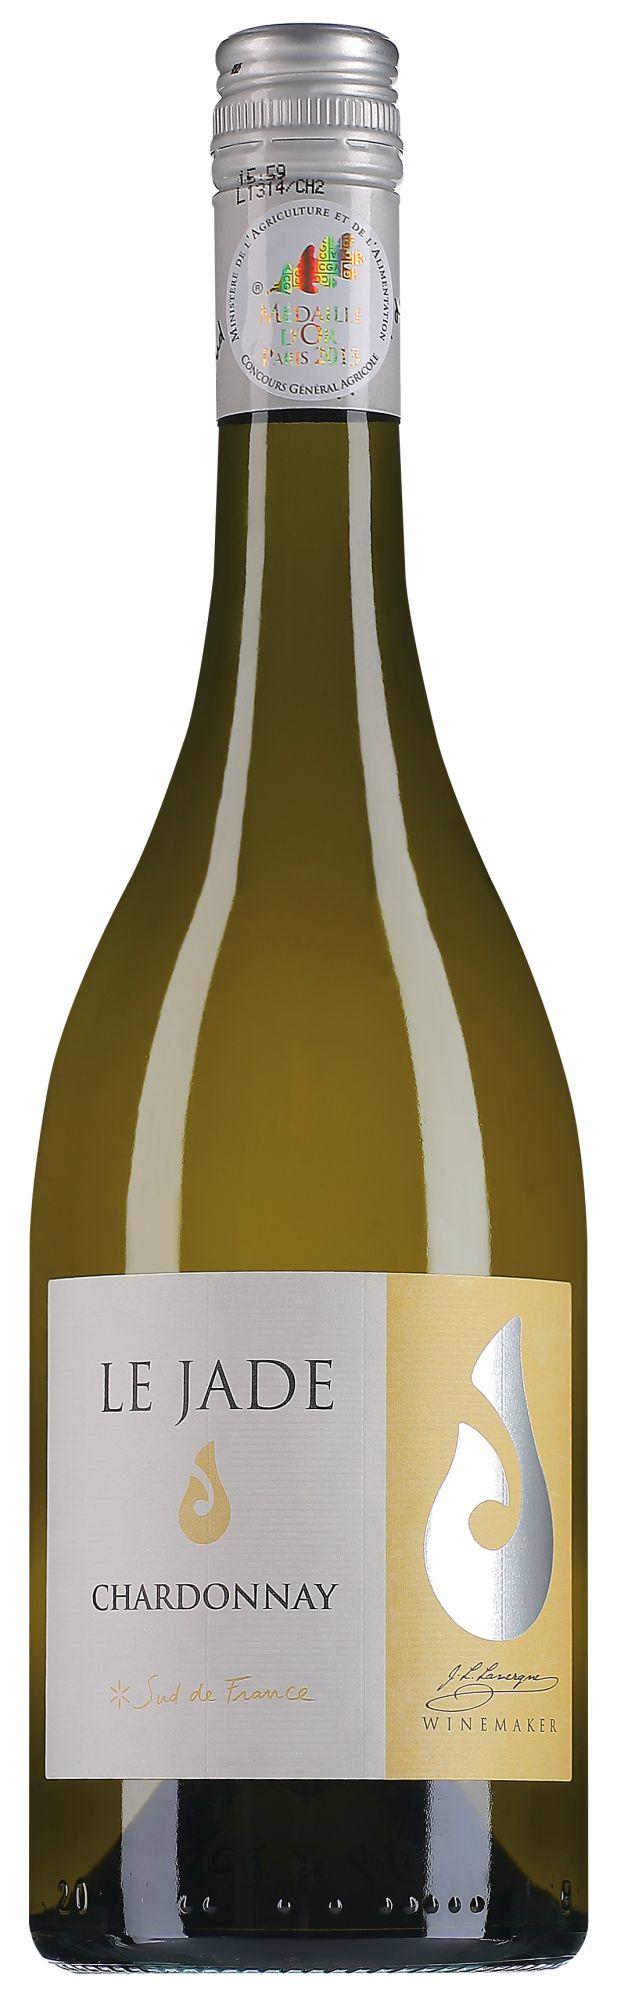 Le Jade Pays d'Oc Chardonnay